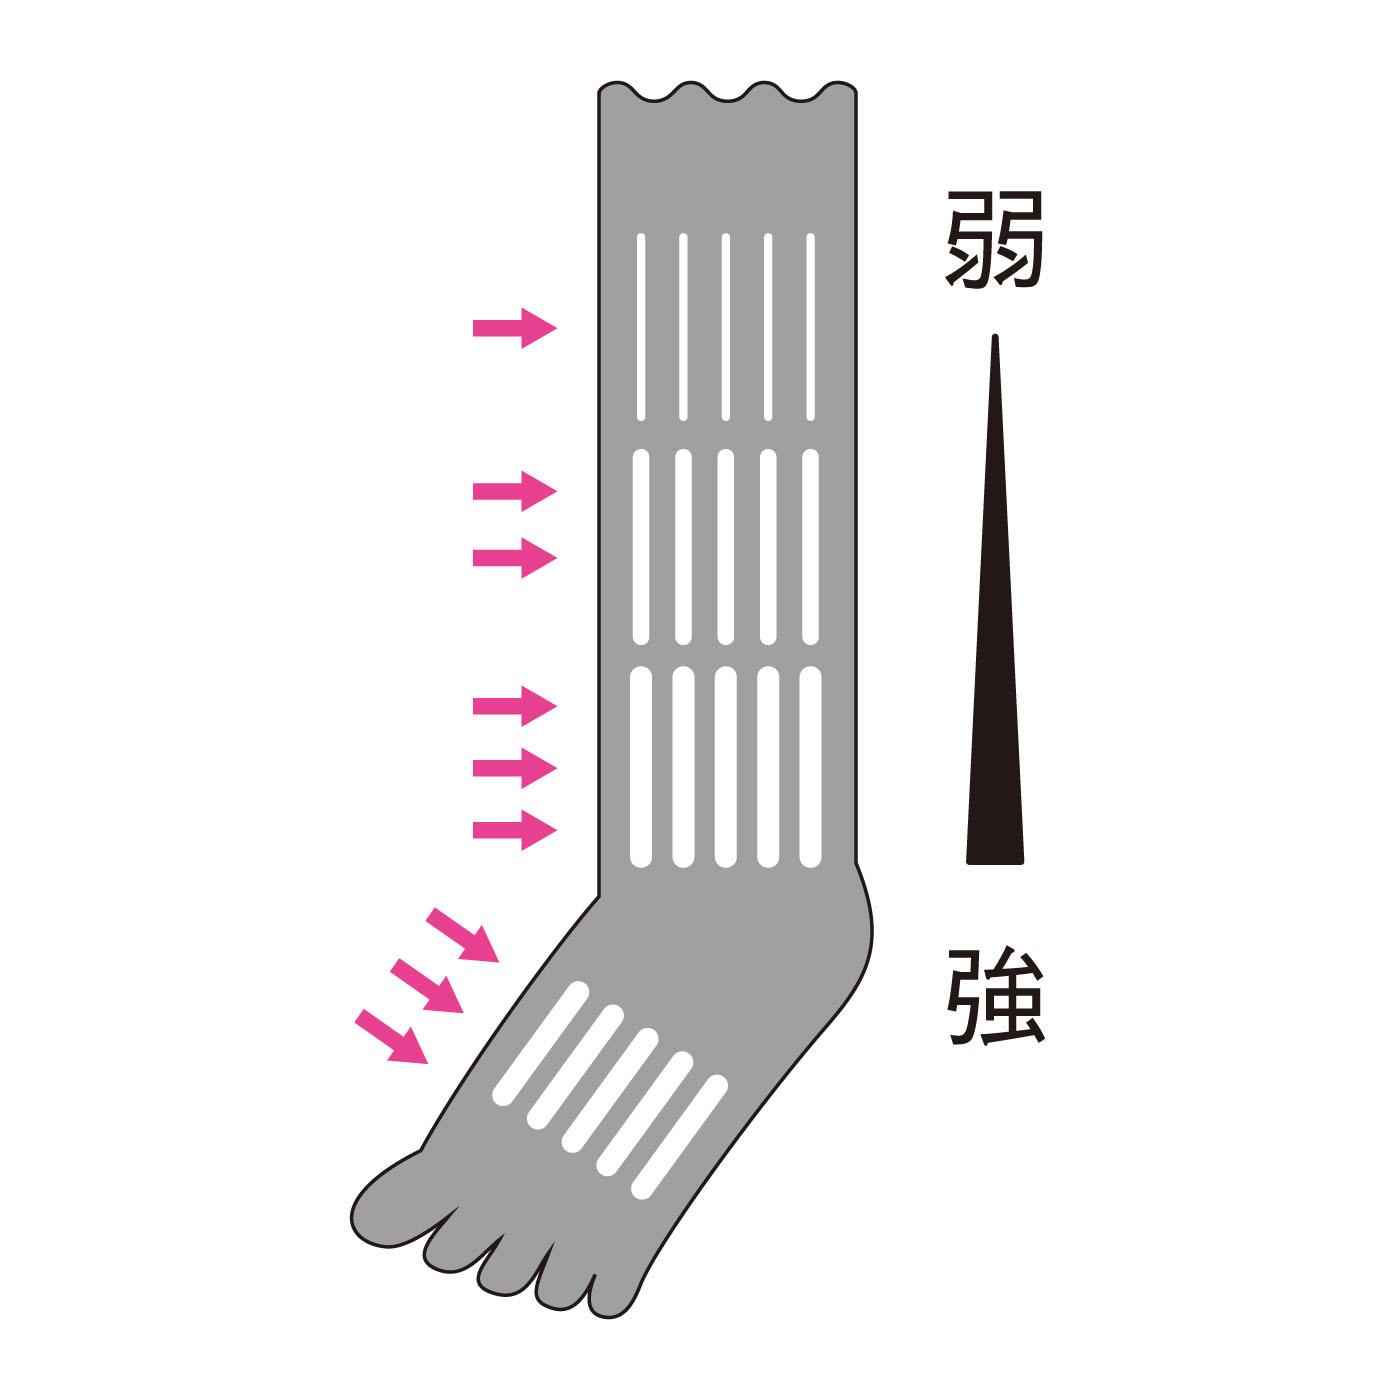 足首部分がいちばん強く、ふくらはぎに向かうほど弱くなっていく着圧で、快適&リラックス。